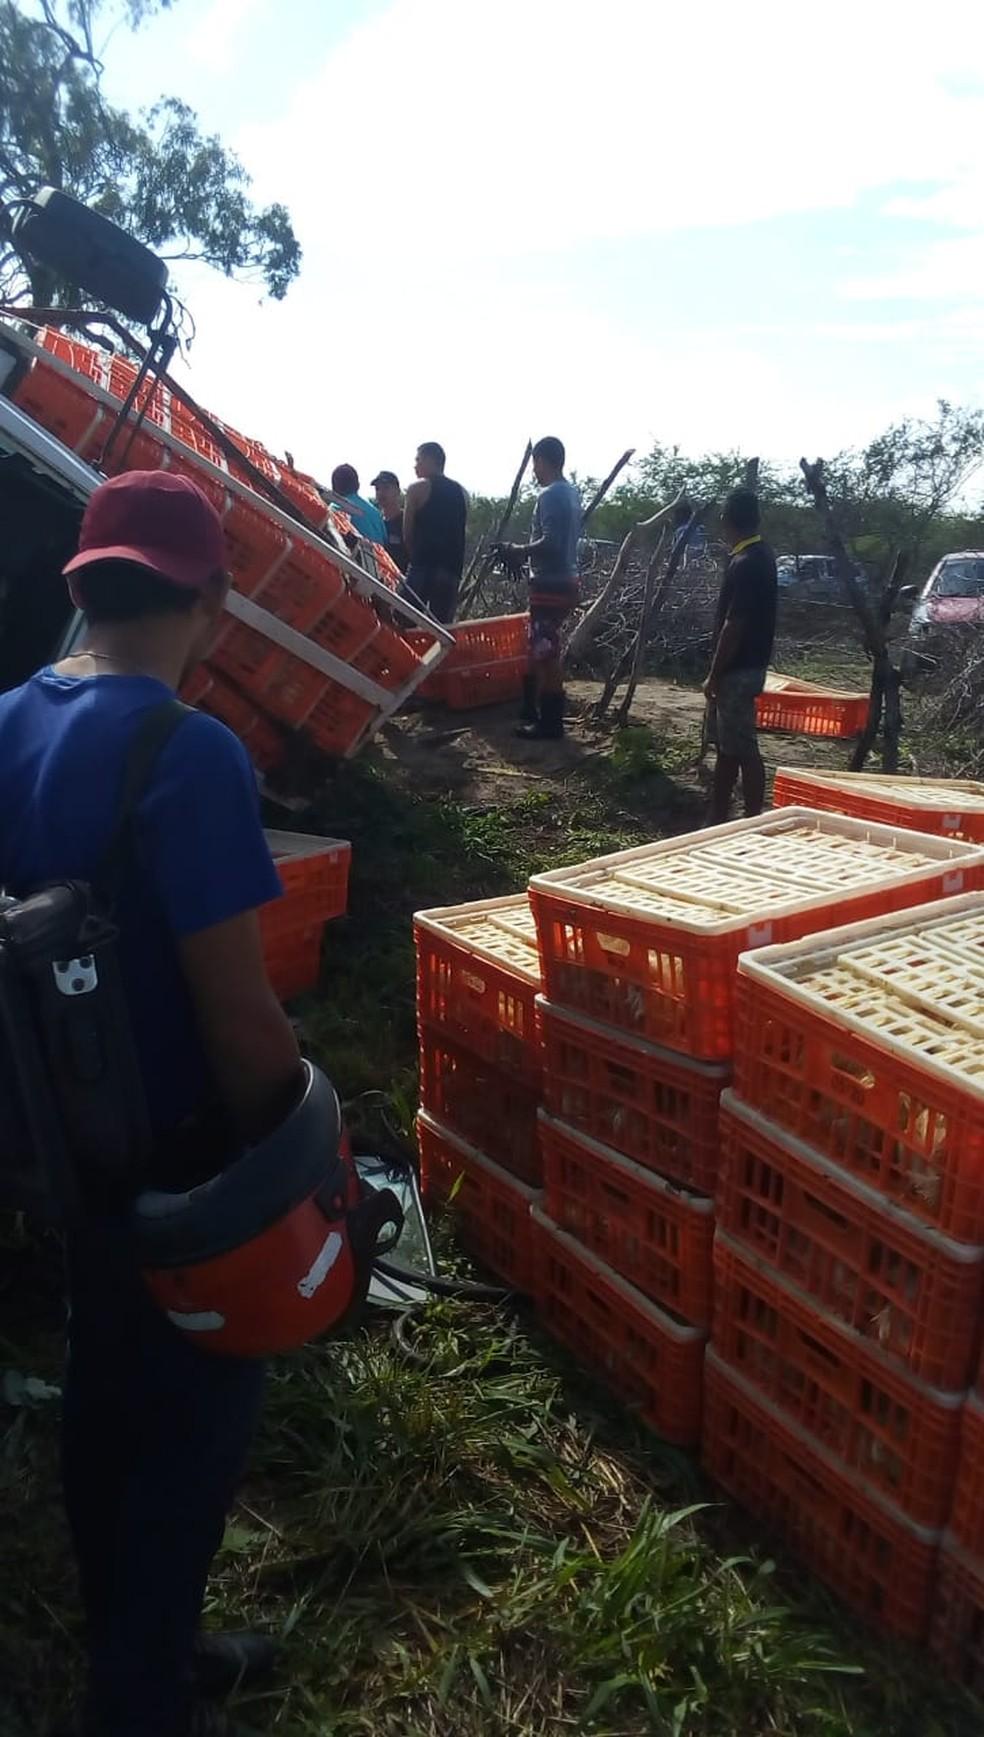 Caminhão carregado de frangos tombou em rodovia no interior do RN — Foto: Redes sociais